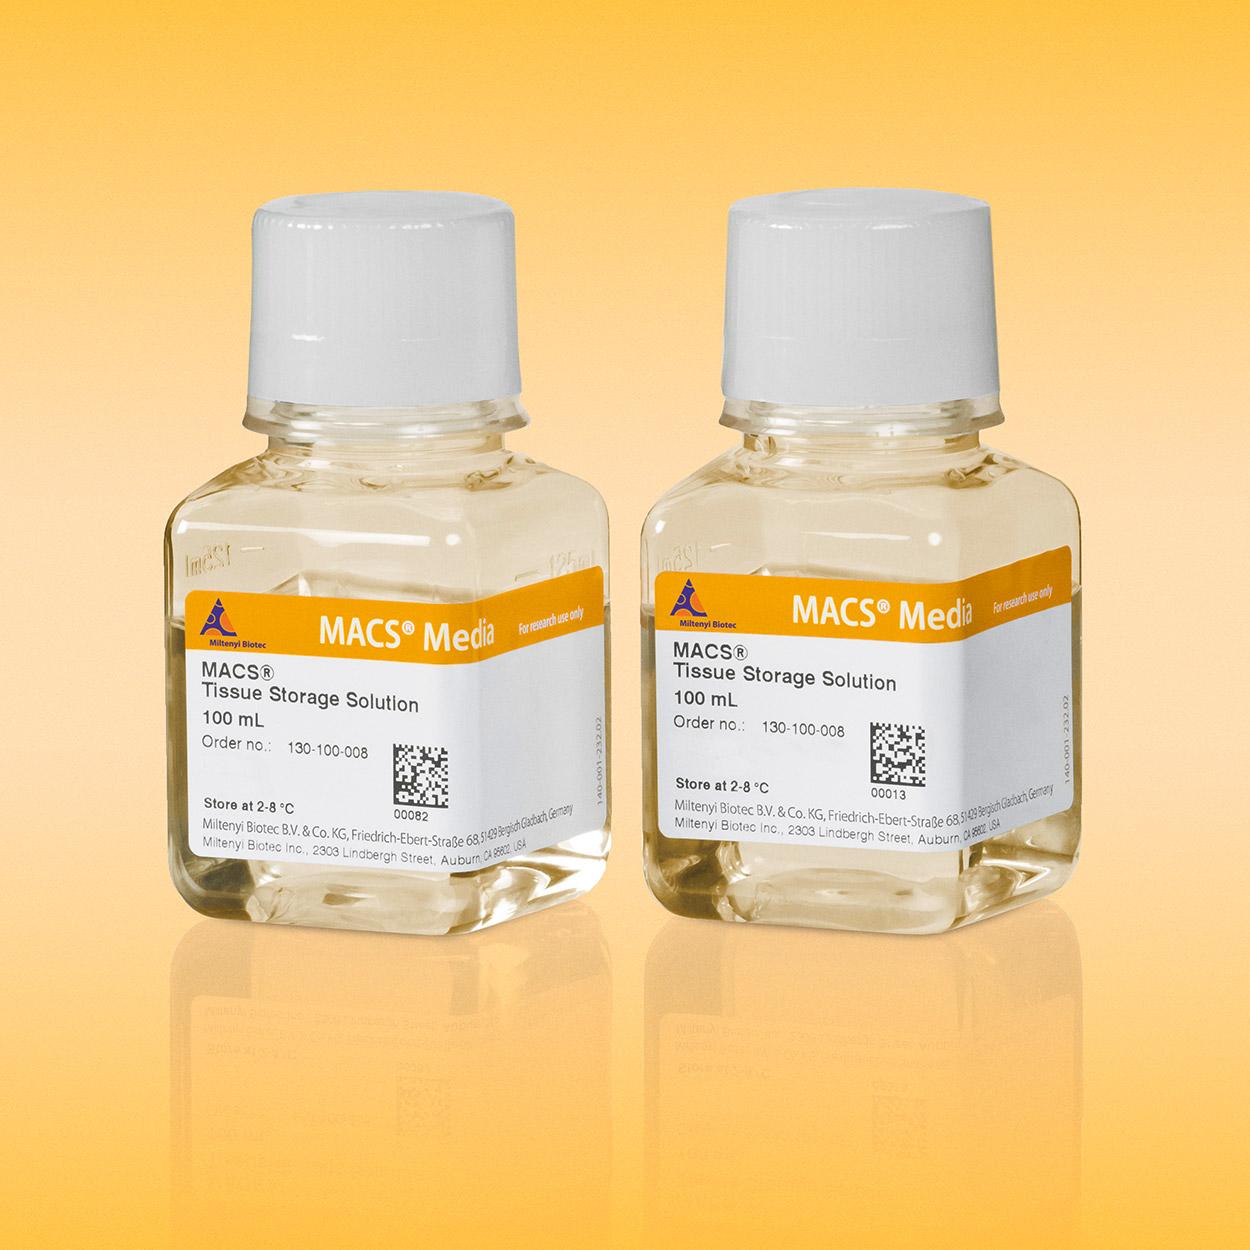 MACS® Tissue Storage Solution